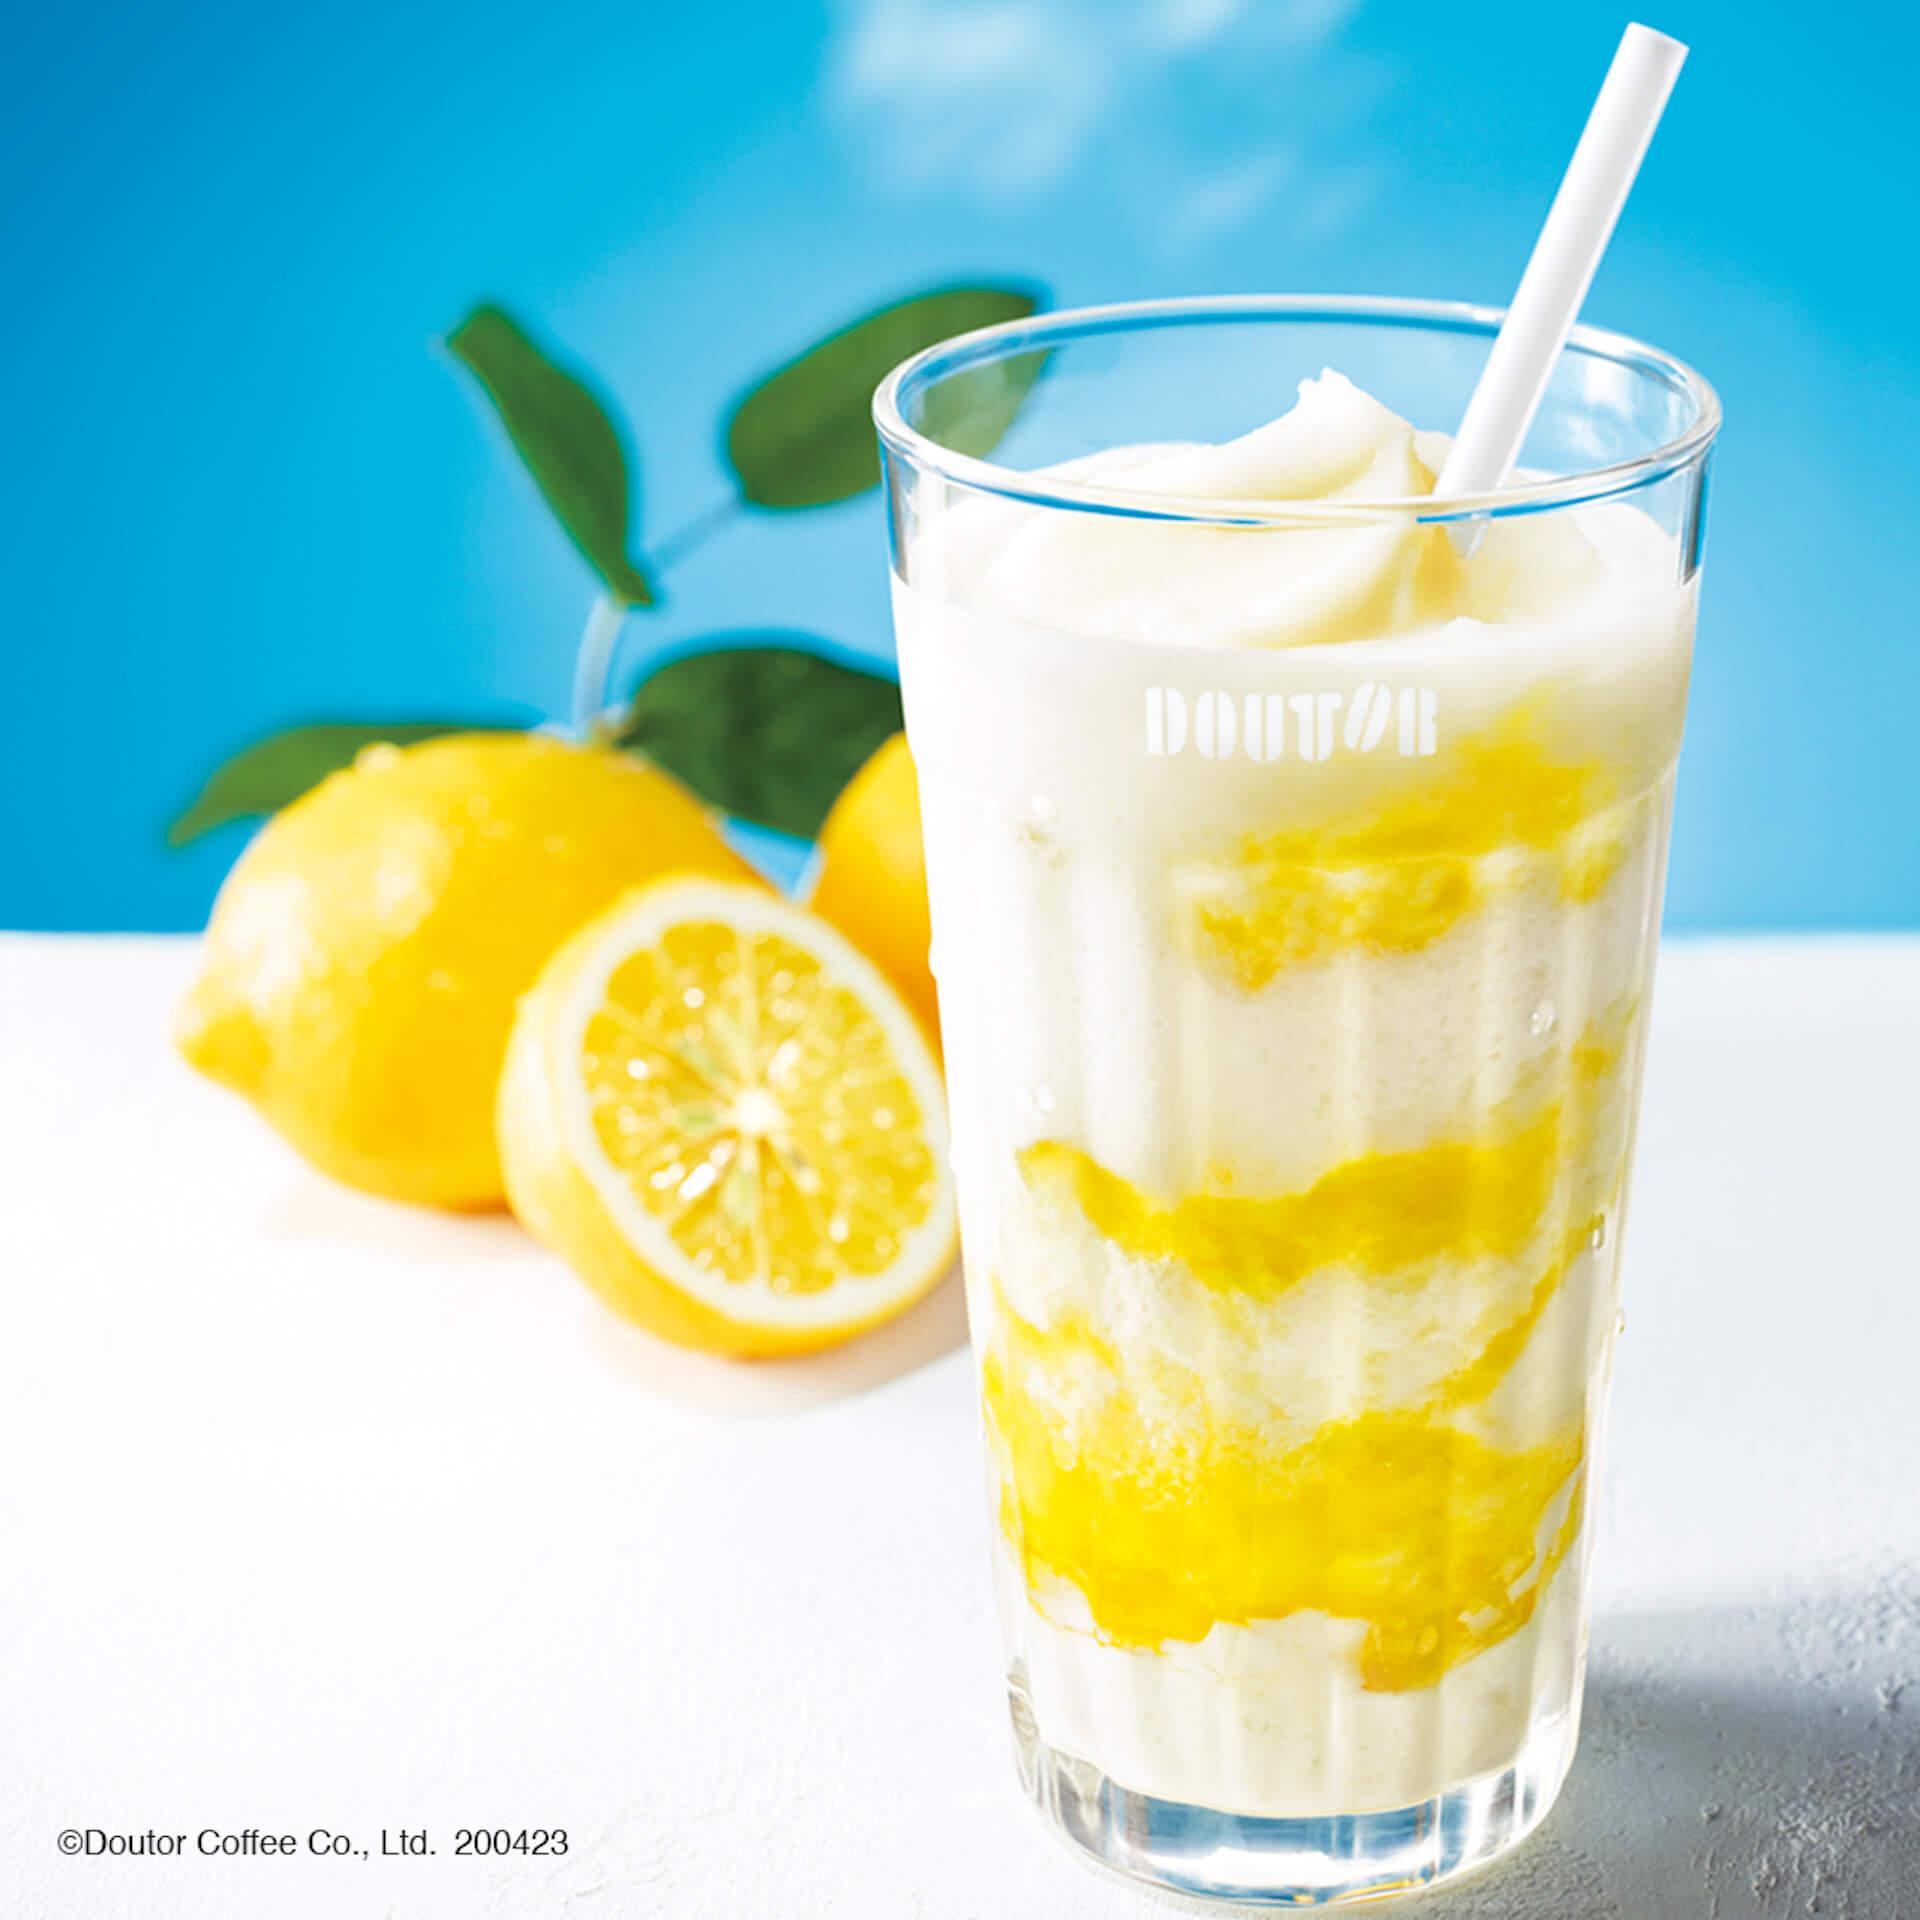 ドトールコーヒーで「はちみつレモンヨーグルン」など、初夏にぴったりなスッキリドリンク&スイーツが続々登場! gourmet200526_doutor_4